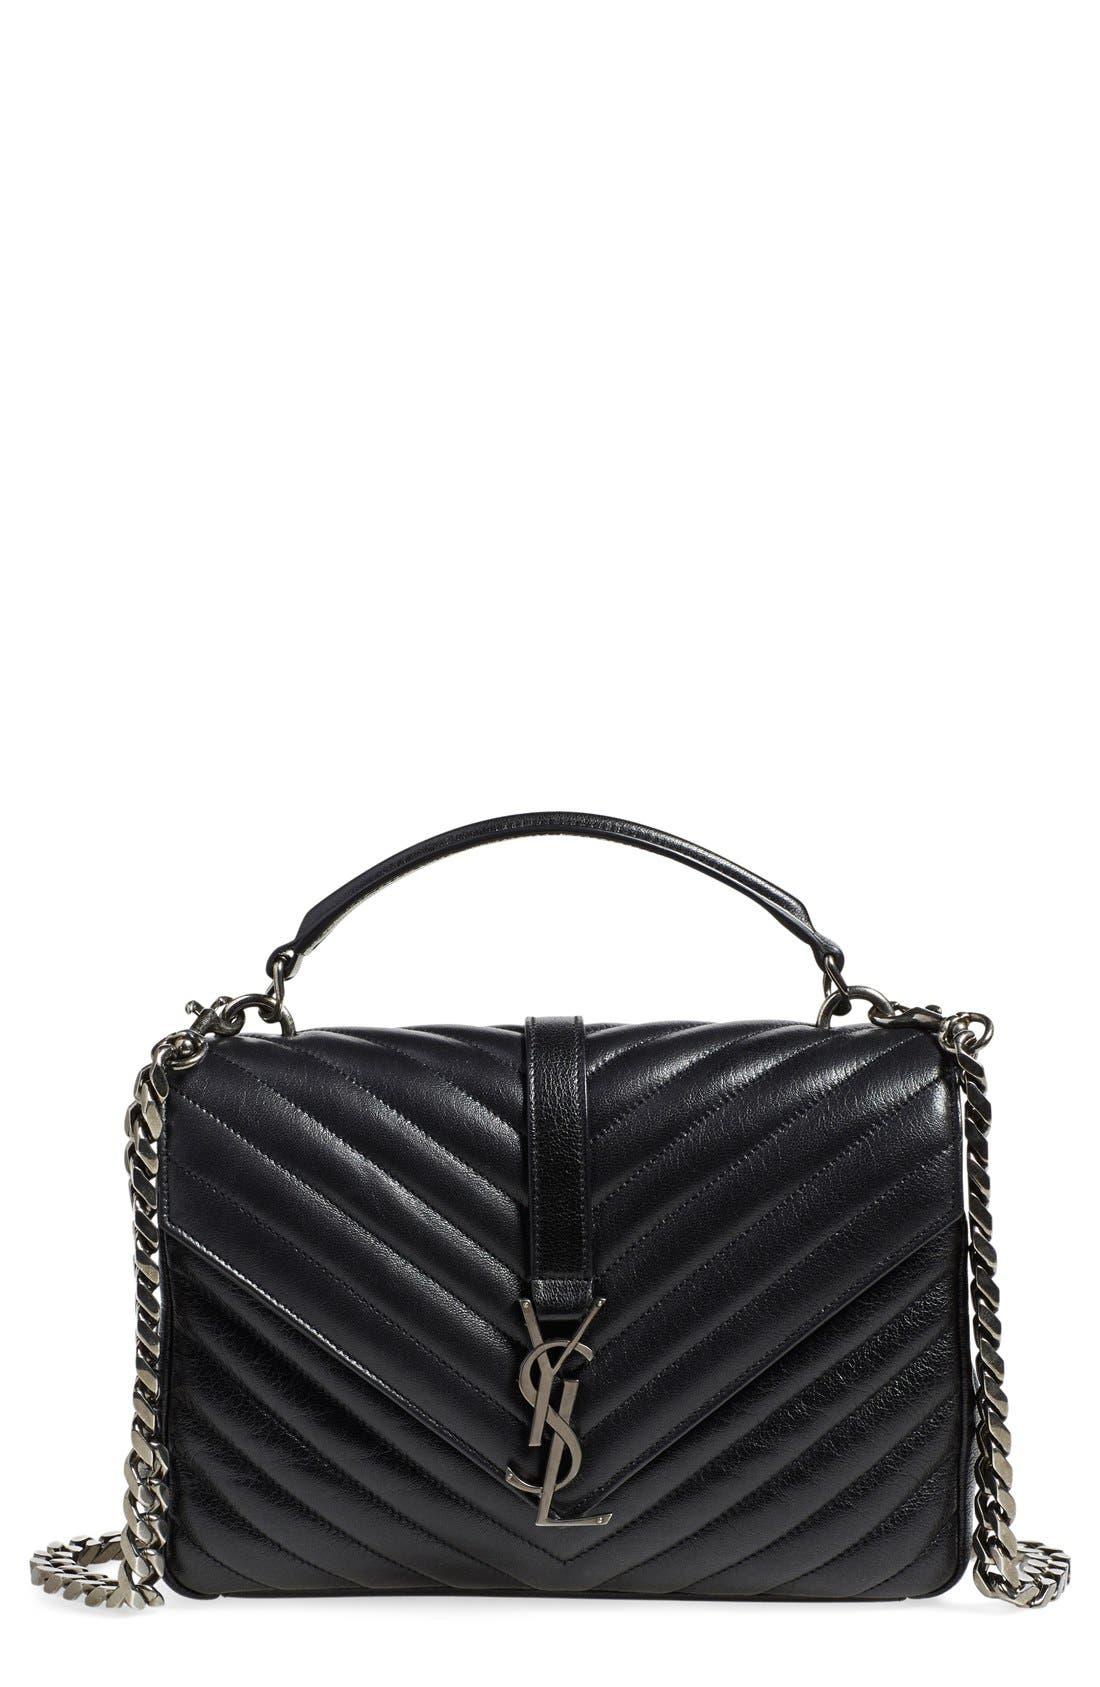 Alternate Image 1 Selected - Saint Laurent 'Medium Monogram' Quilted Leather Shoulder Bag